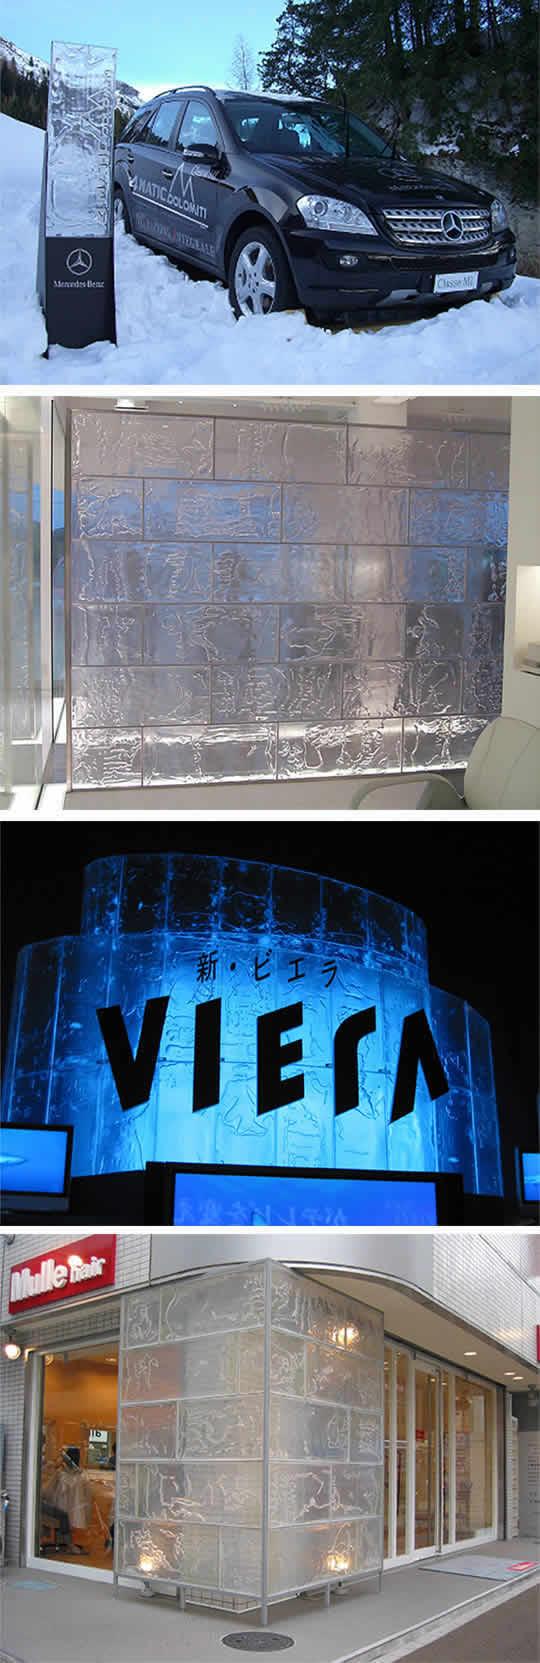 まるで氷のようなプラスチックパネル&ボックス